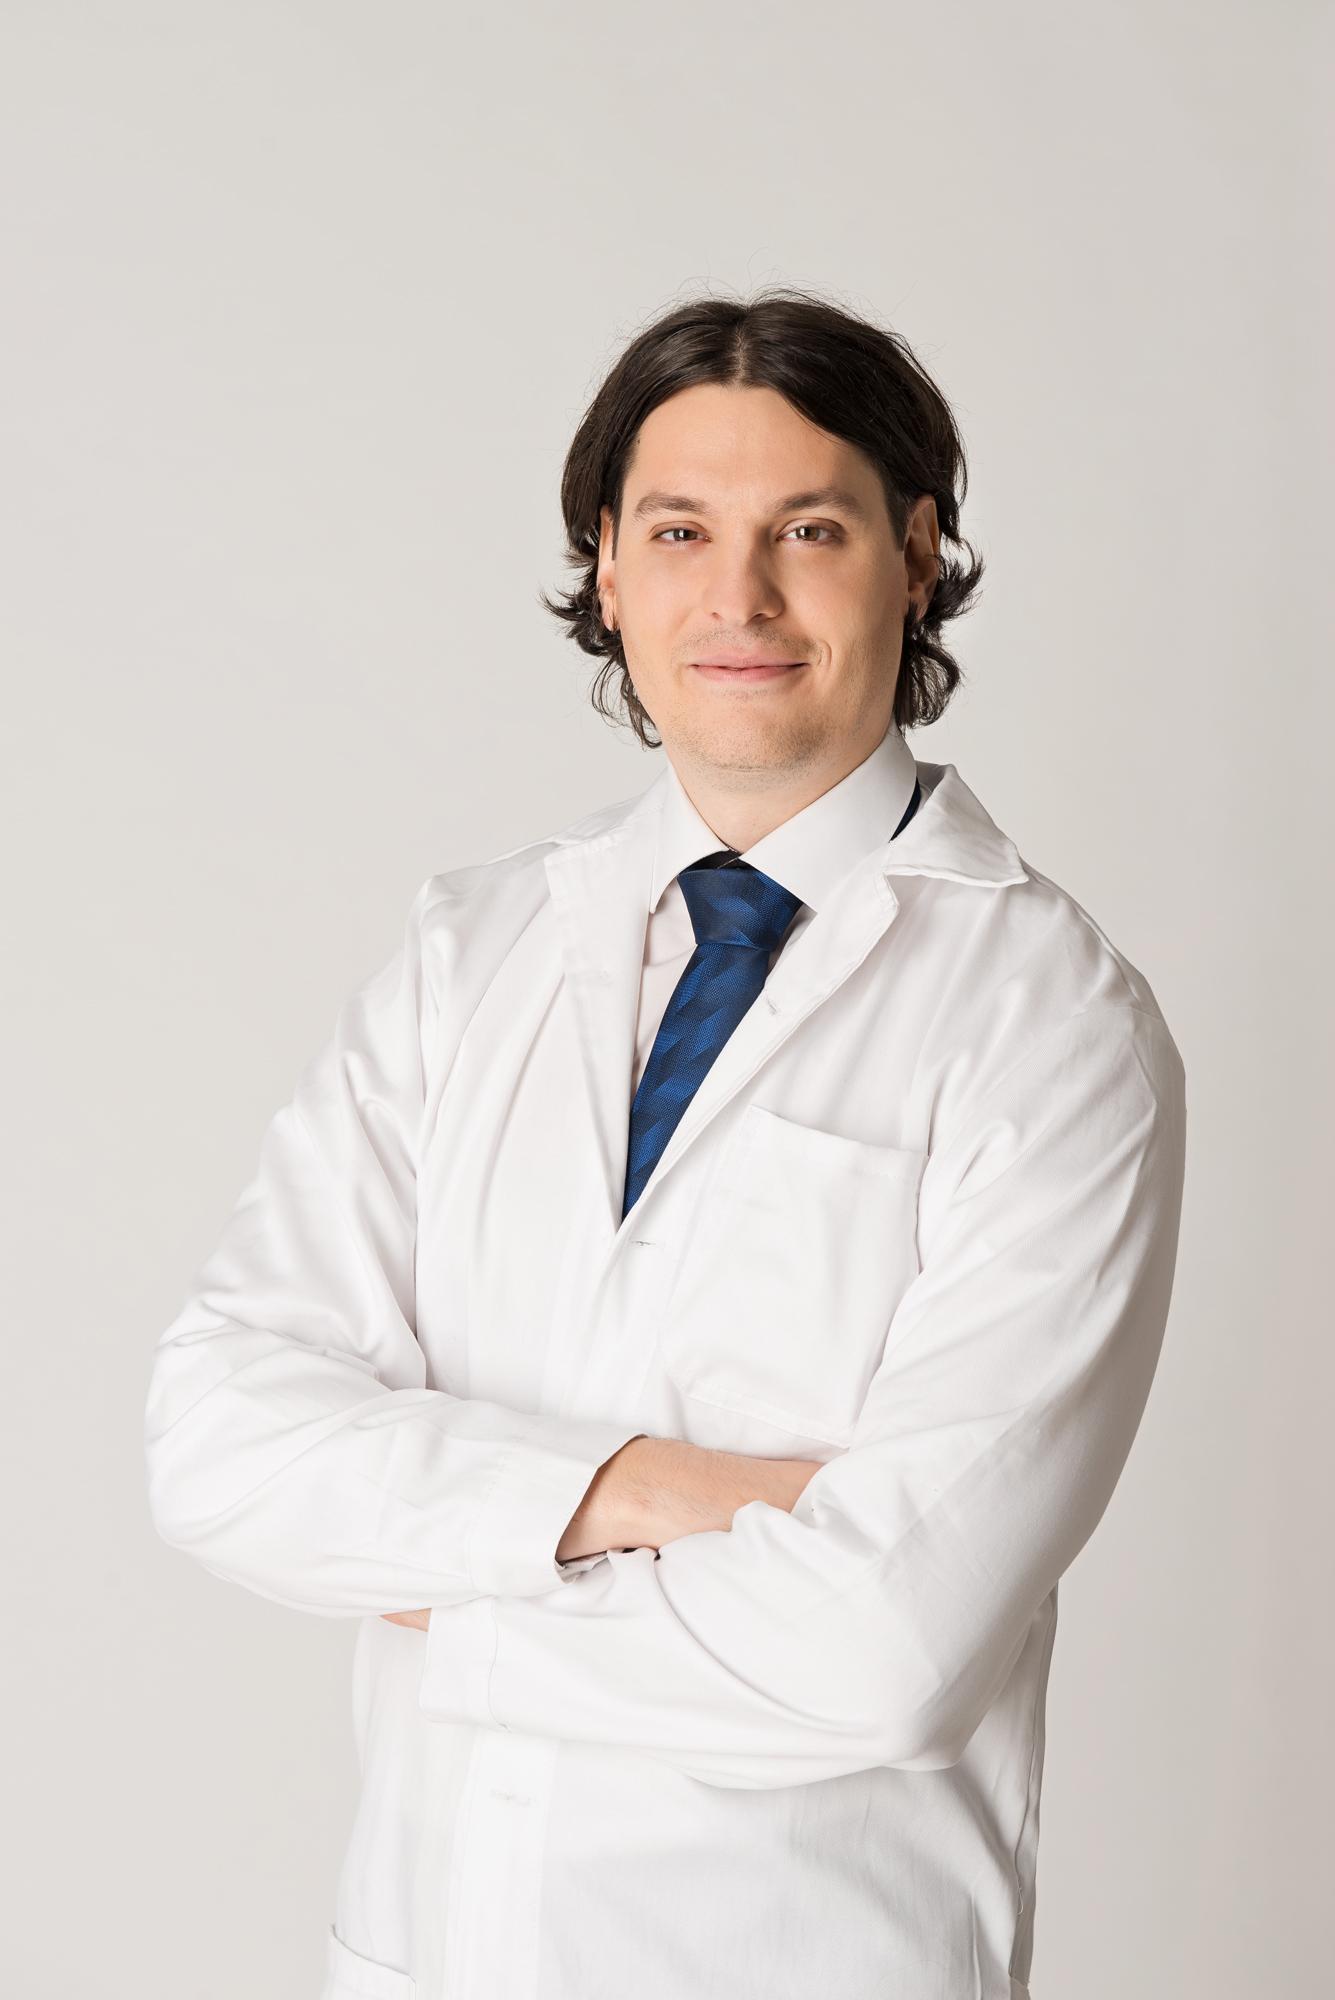 dr_perenyi_kristof.jpg